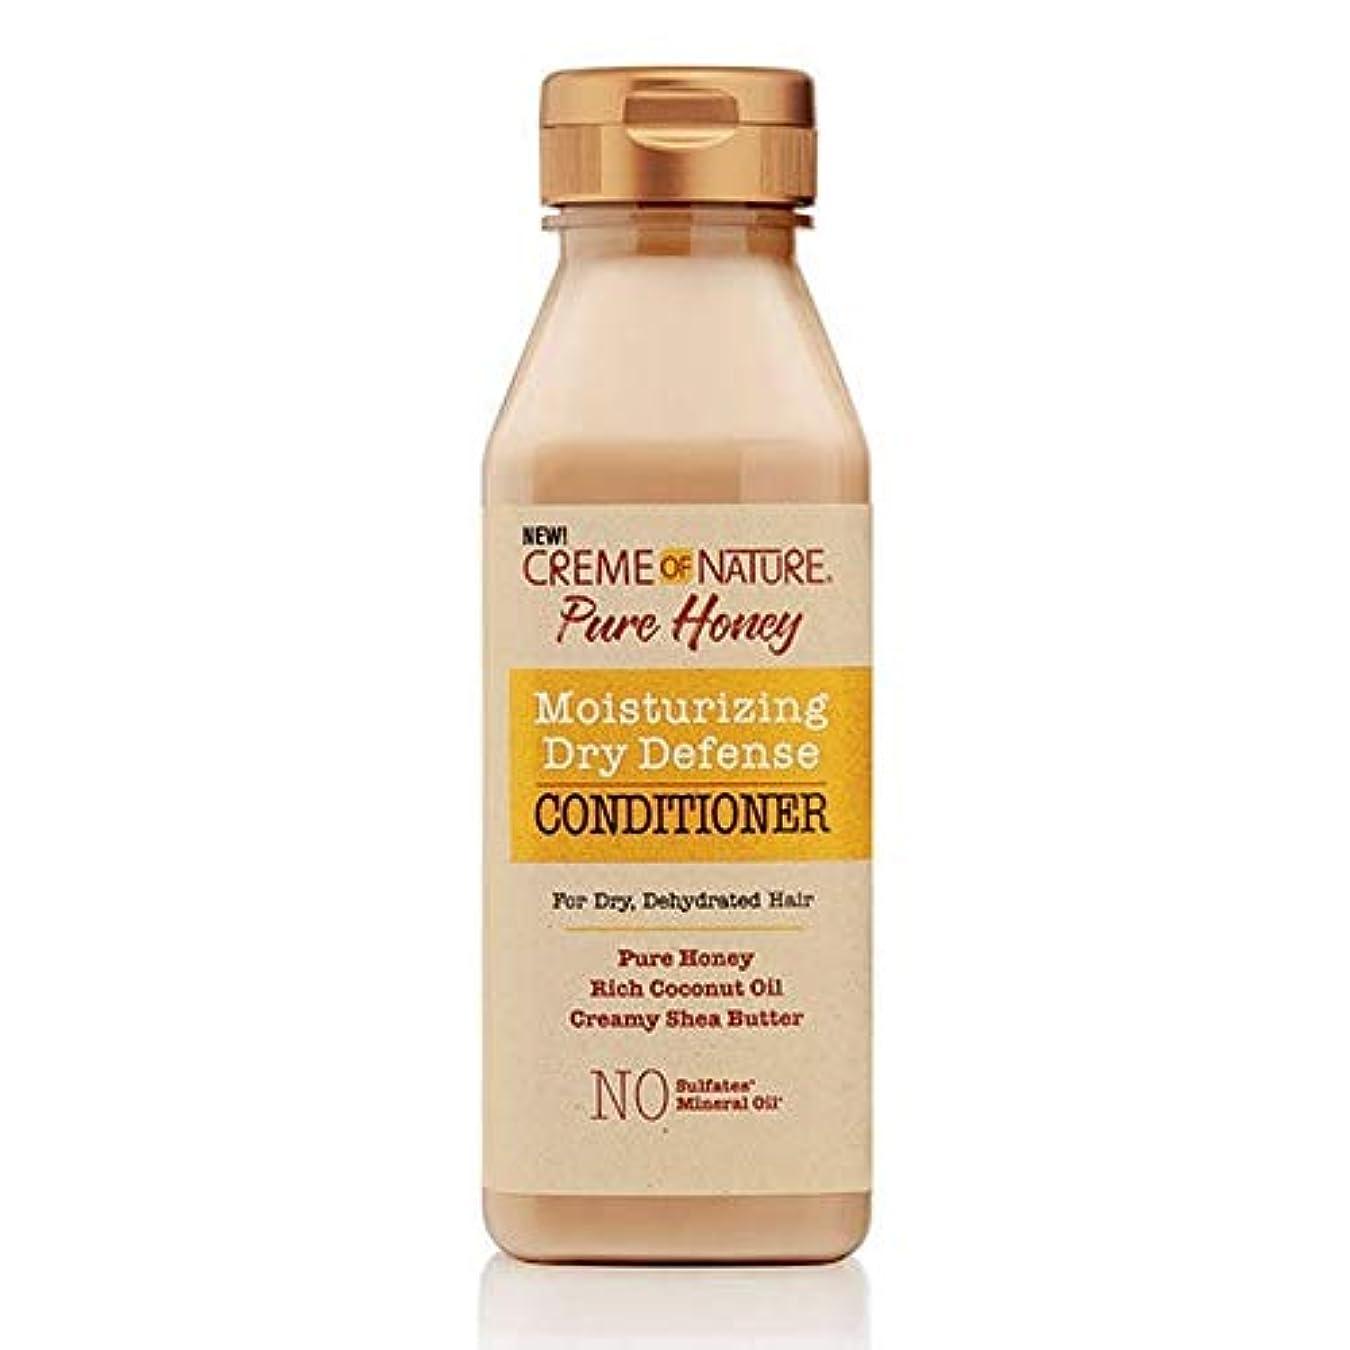 笑洗練責め[Creme of Nature ] 自然の純粋蜂蜜ドライ防衛コンディショナー355ミリリットルのクリーム - Creme of Nature Pure Honey Dry Defence Conditioner 355ml...